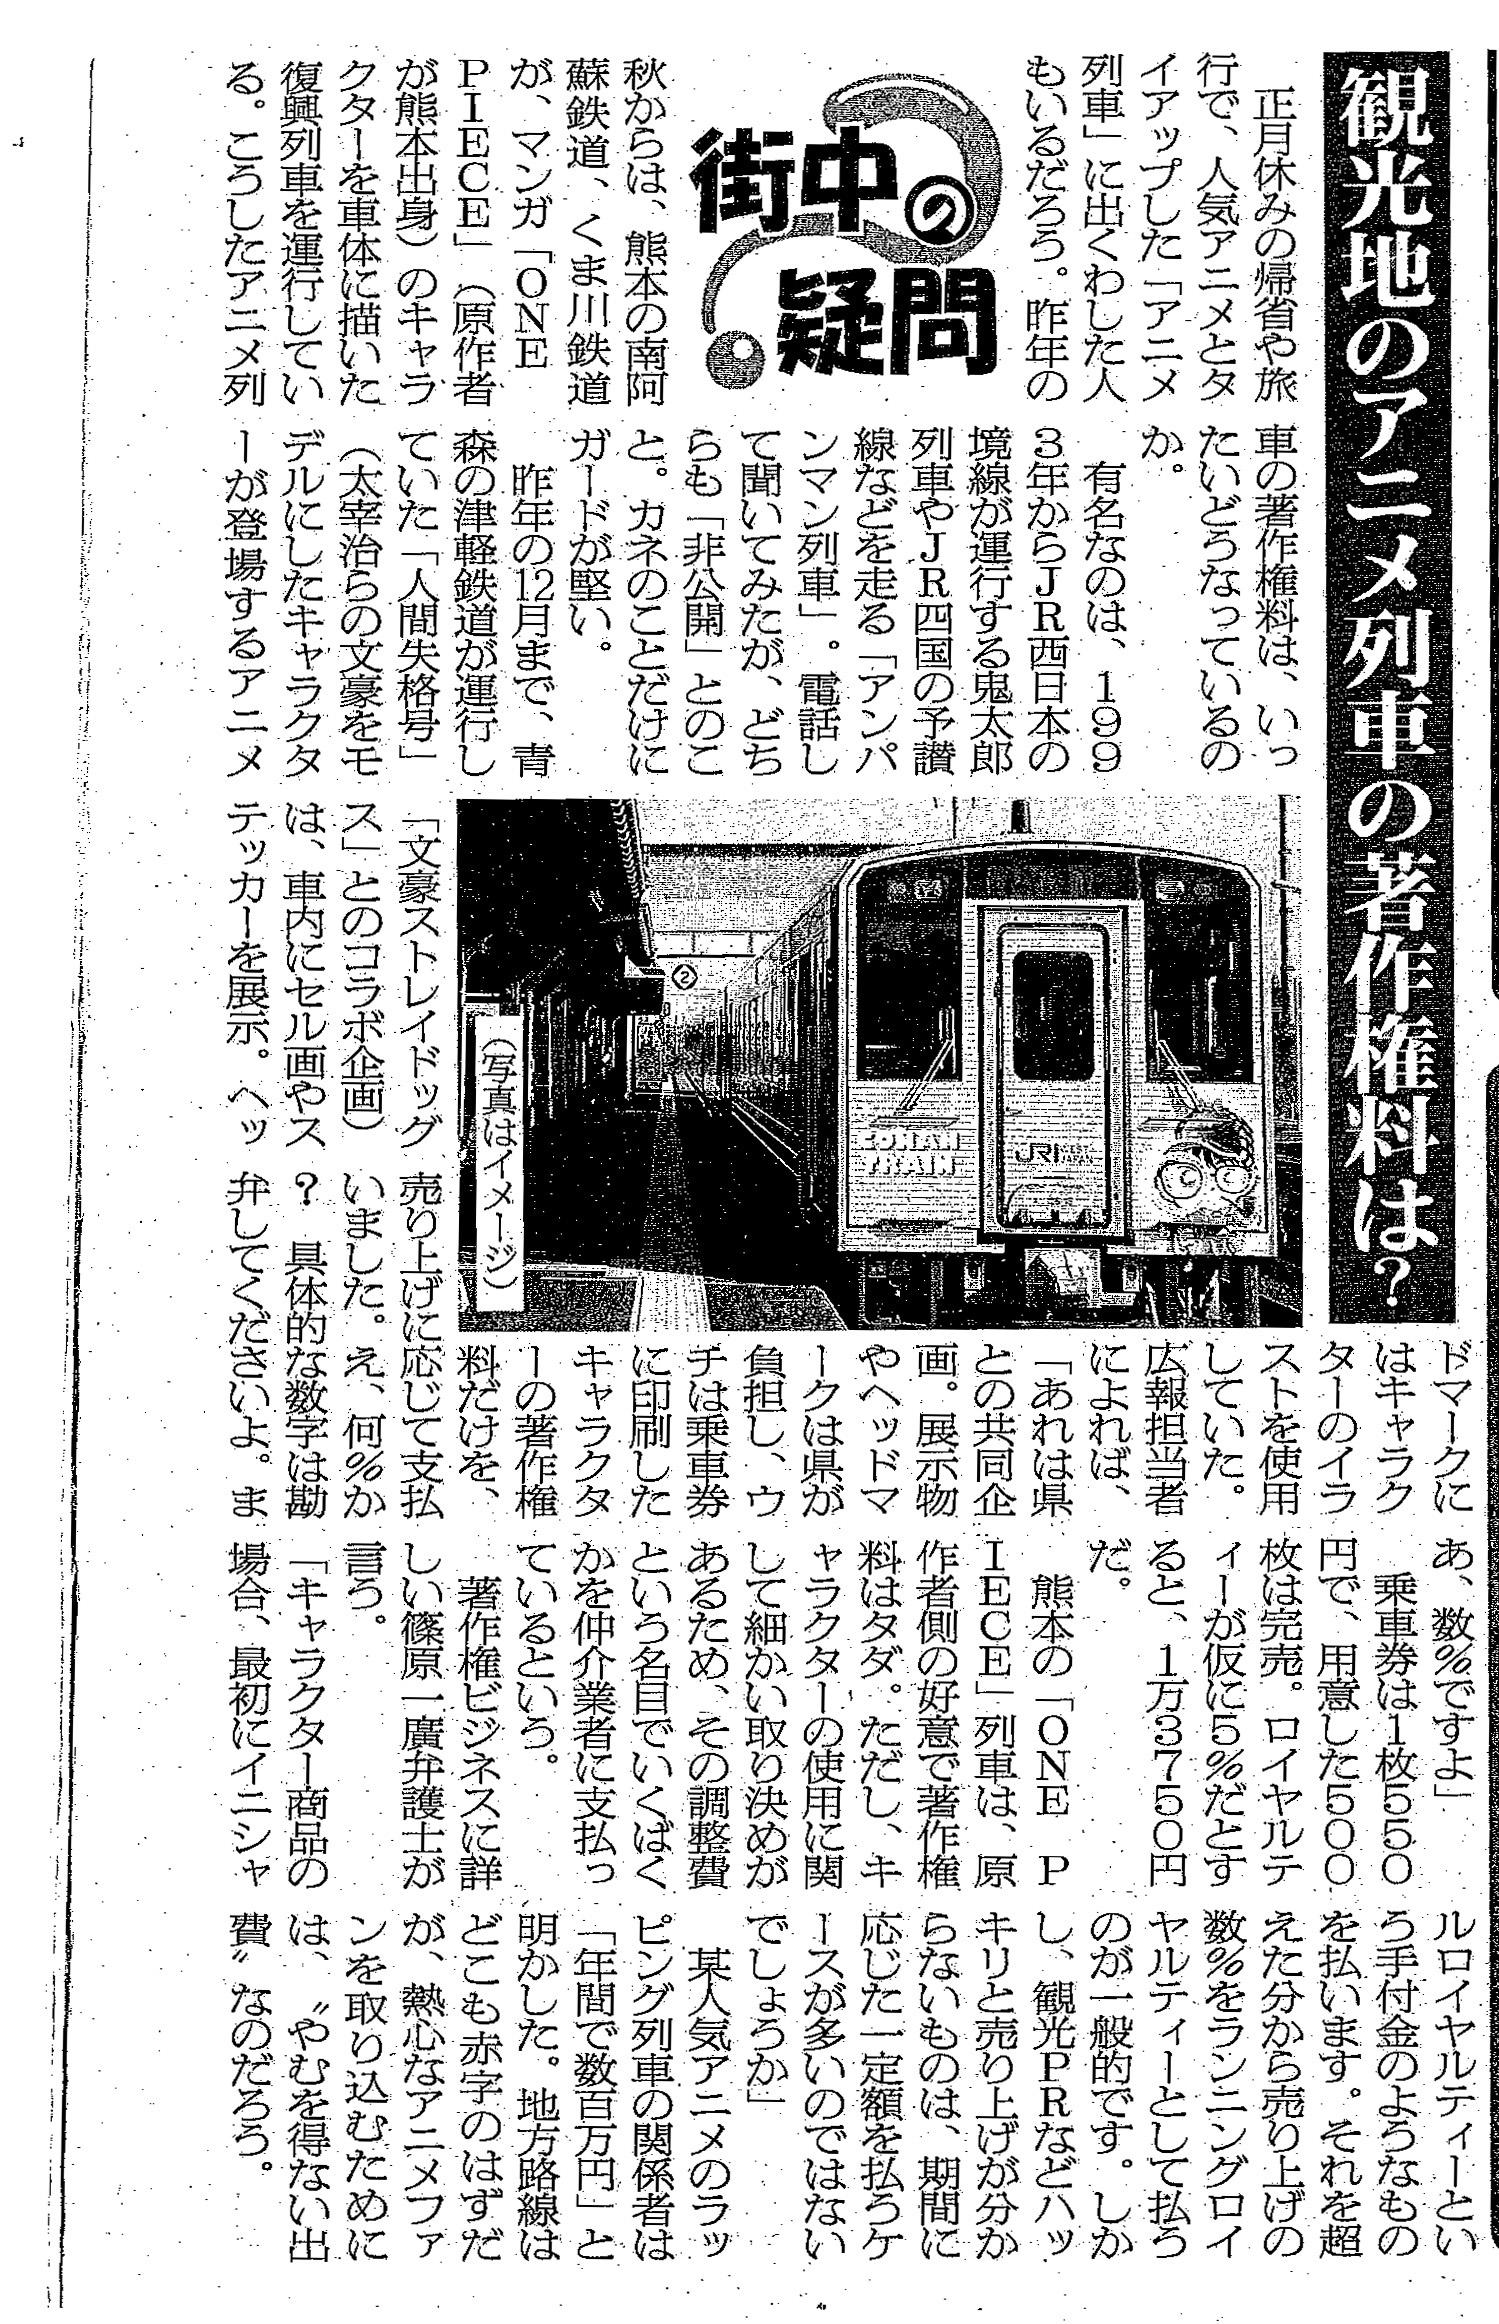 日刊ゲンダイ様 平成29年1月7日